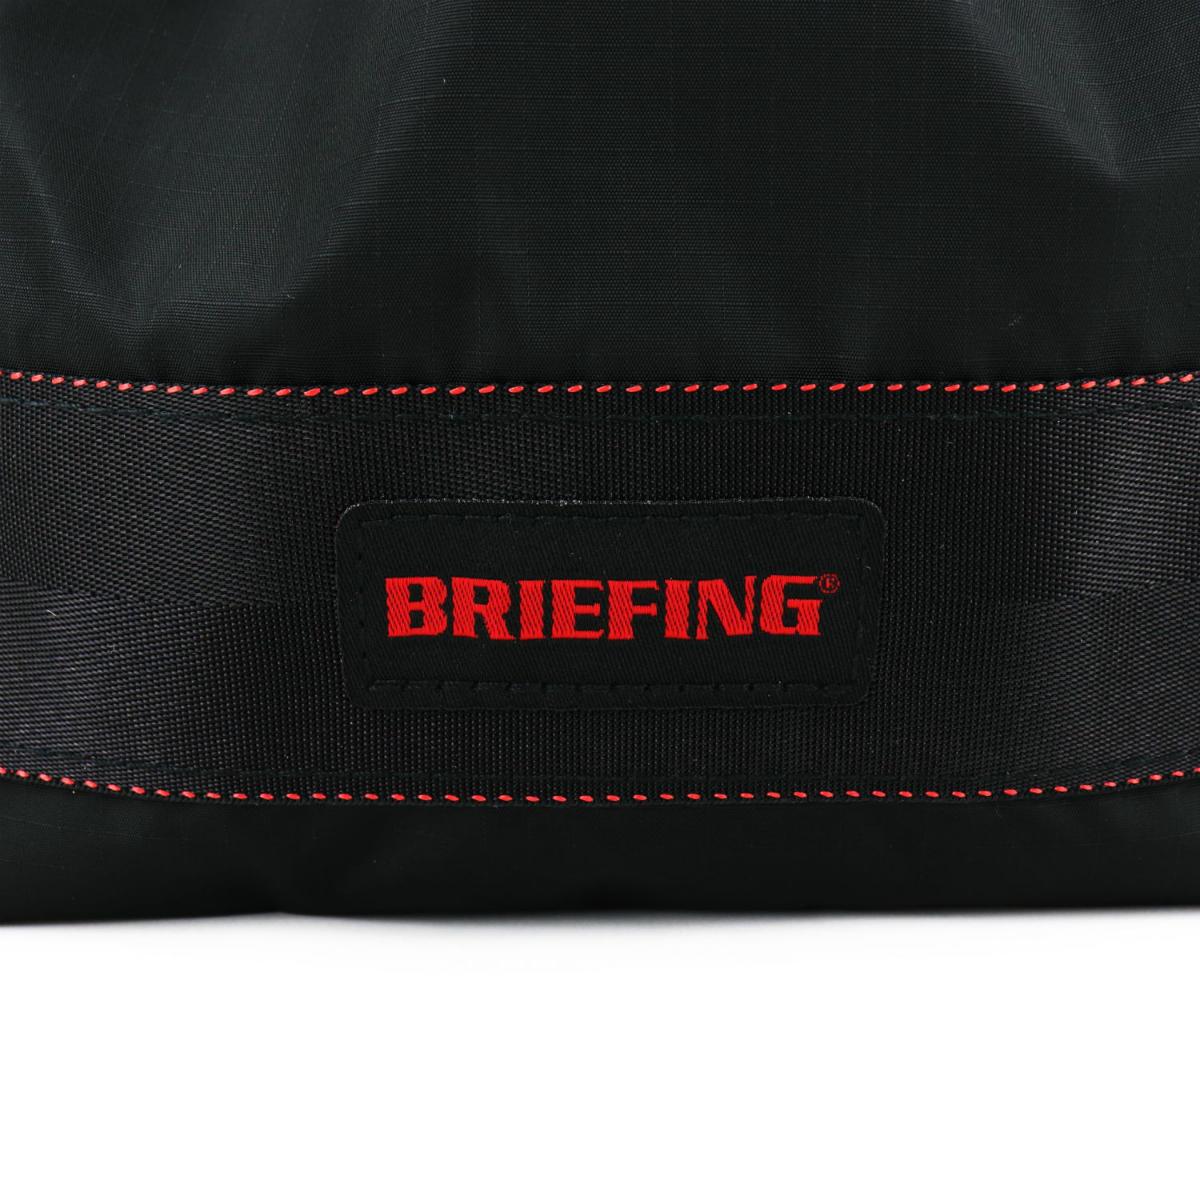 ブリーフィングゴルフ BRIEFING GOLF VIROBLOCK DRAWSTRING POUCH S ドローストリングポーチ 100D RIPSTOP NYLON SERIES BRG211G23 BRG 010 BLACK(ブラック) 春夏新作